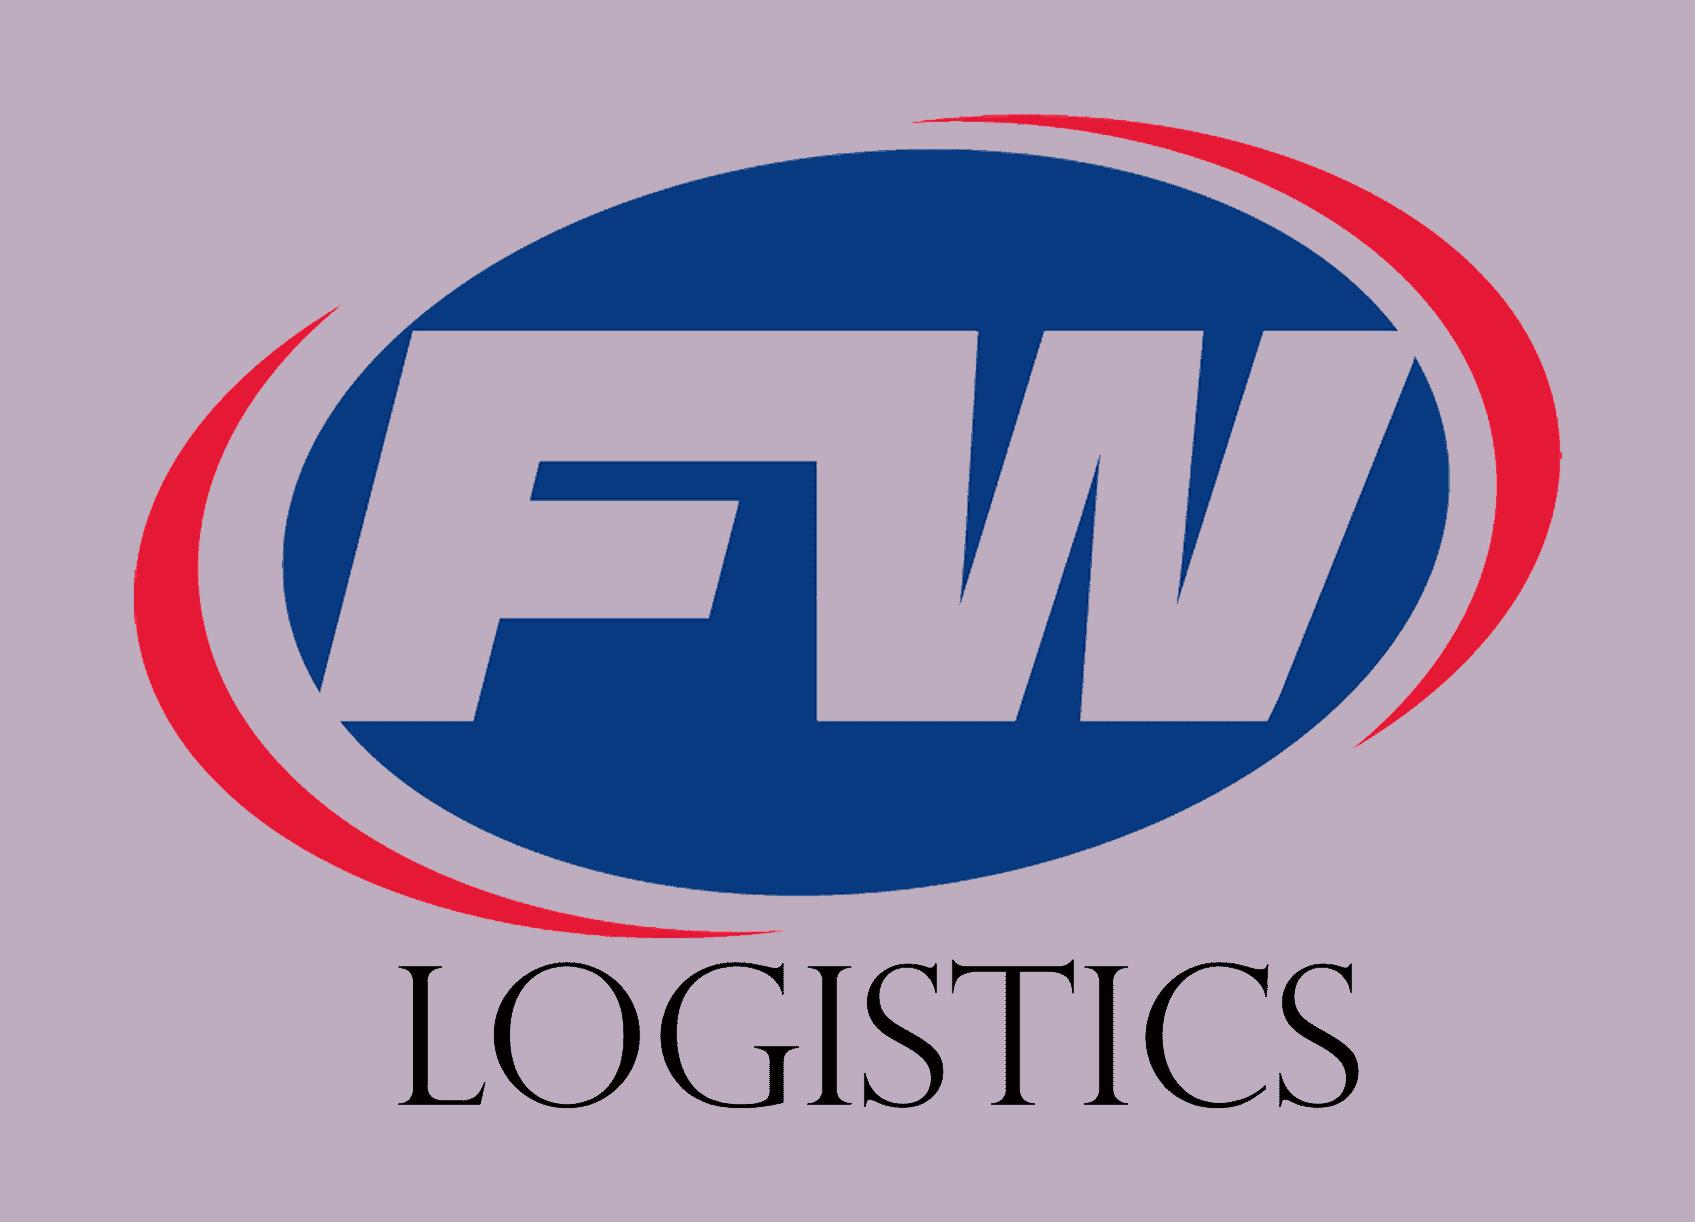 Home | FW Logistics